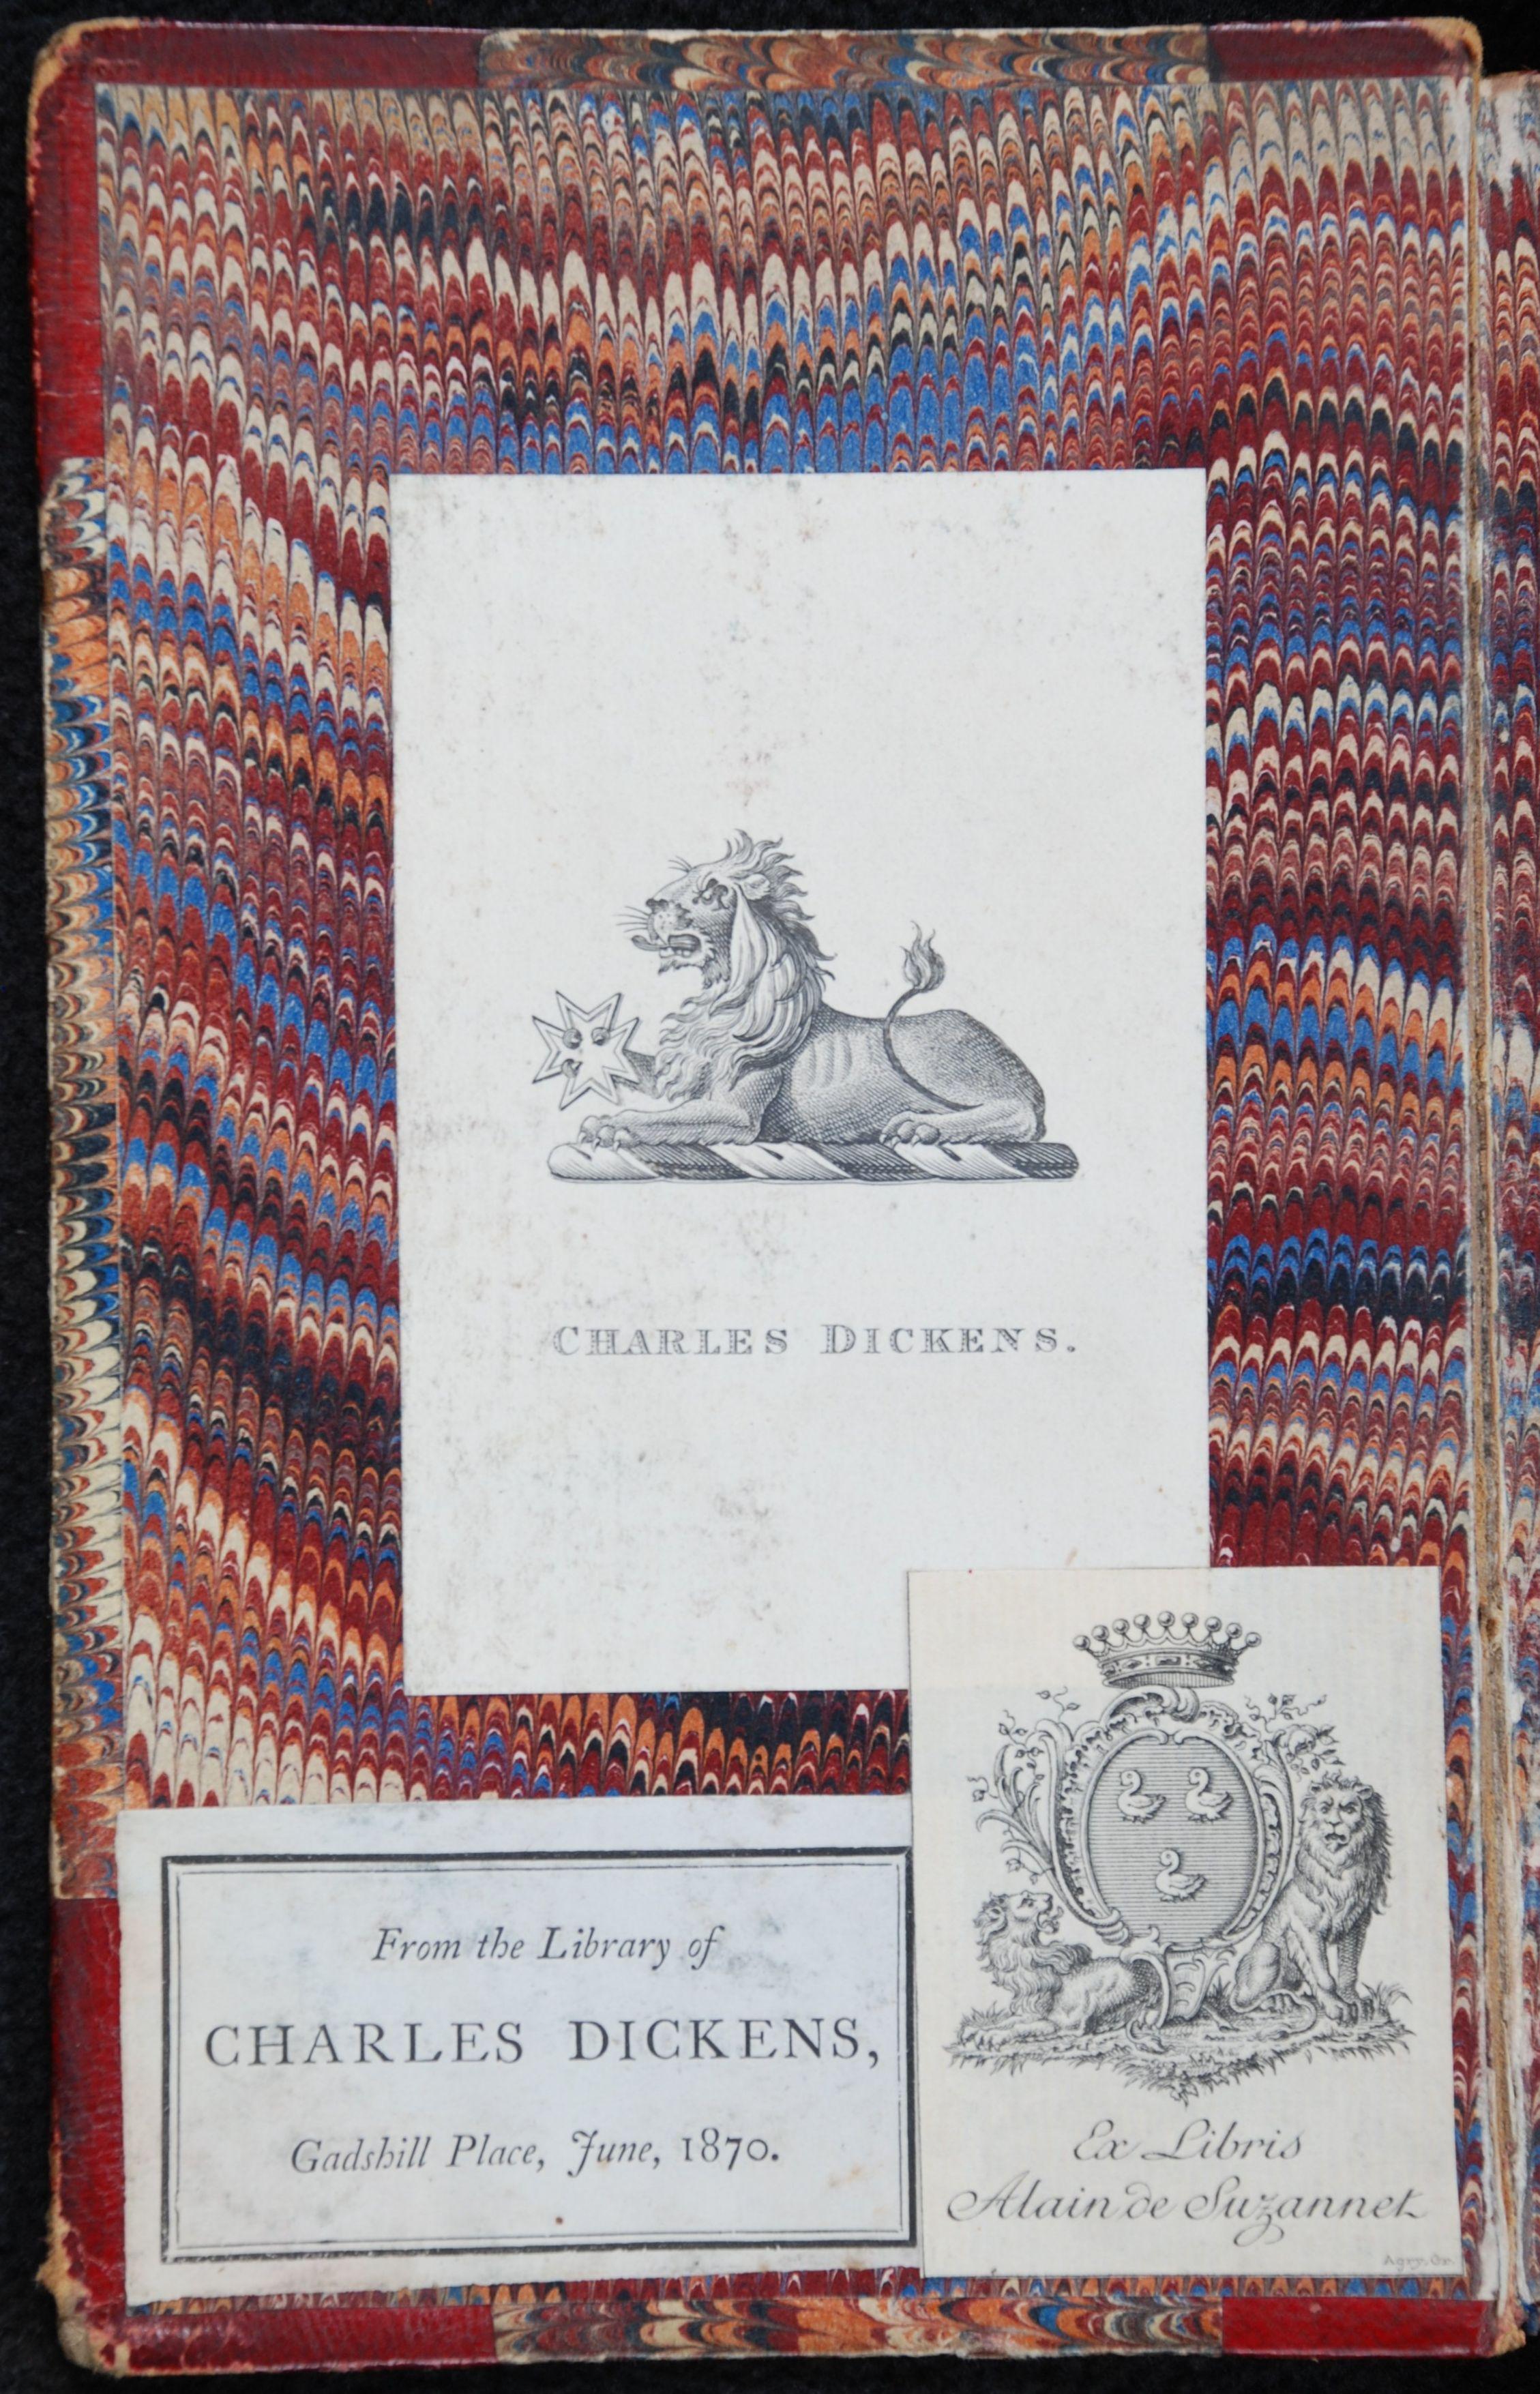 Charles Dickens. Le magasin d'antiquites. Paris: Libraire de L. Hachette et Cie., 1857. Two volumes; Vol. 1 displayed.